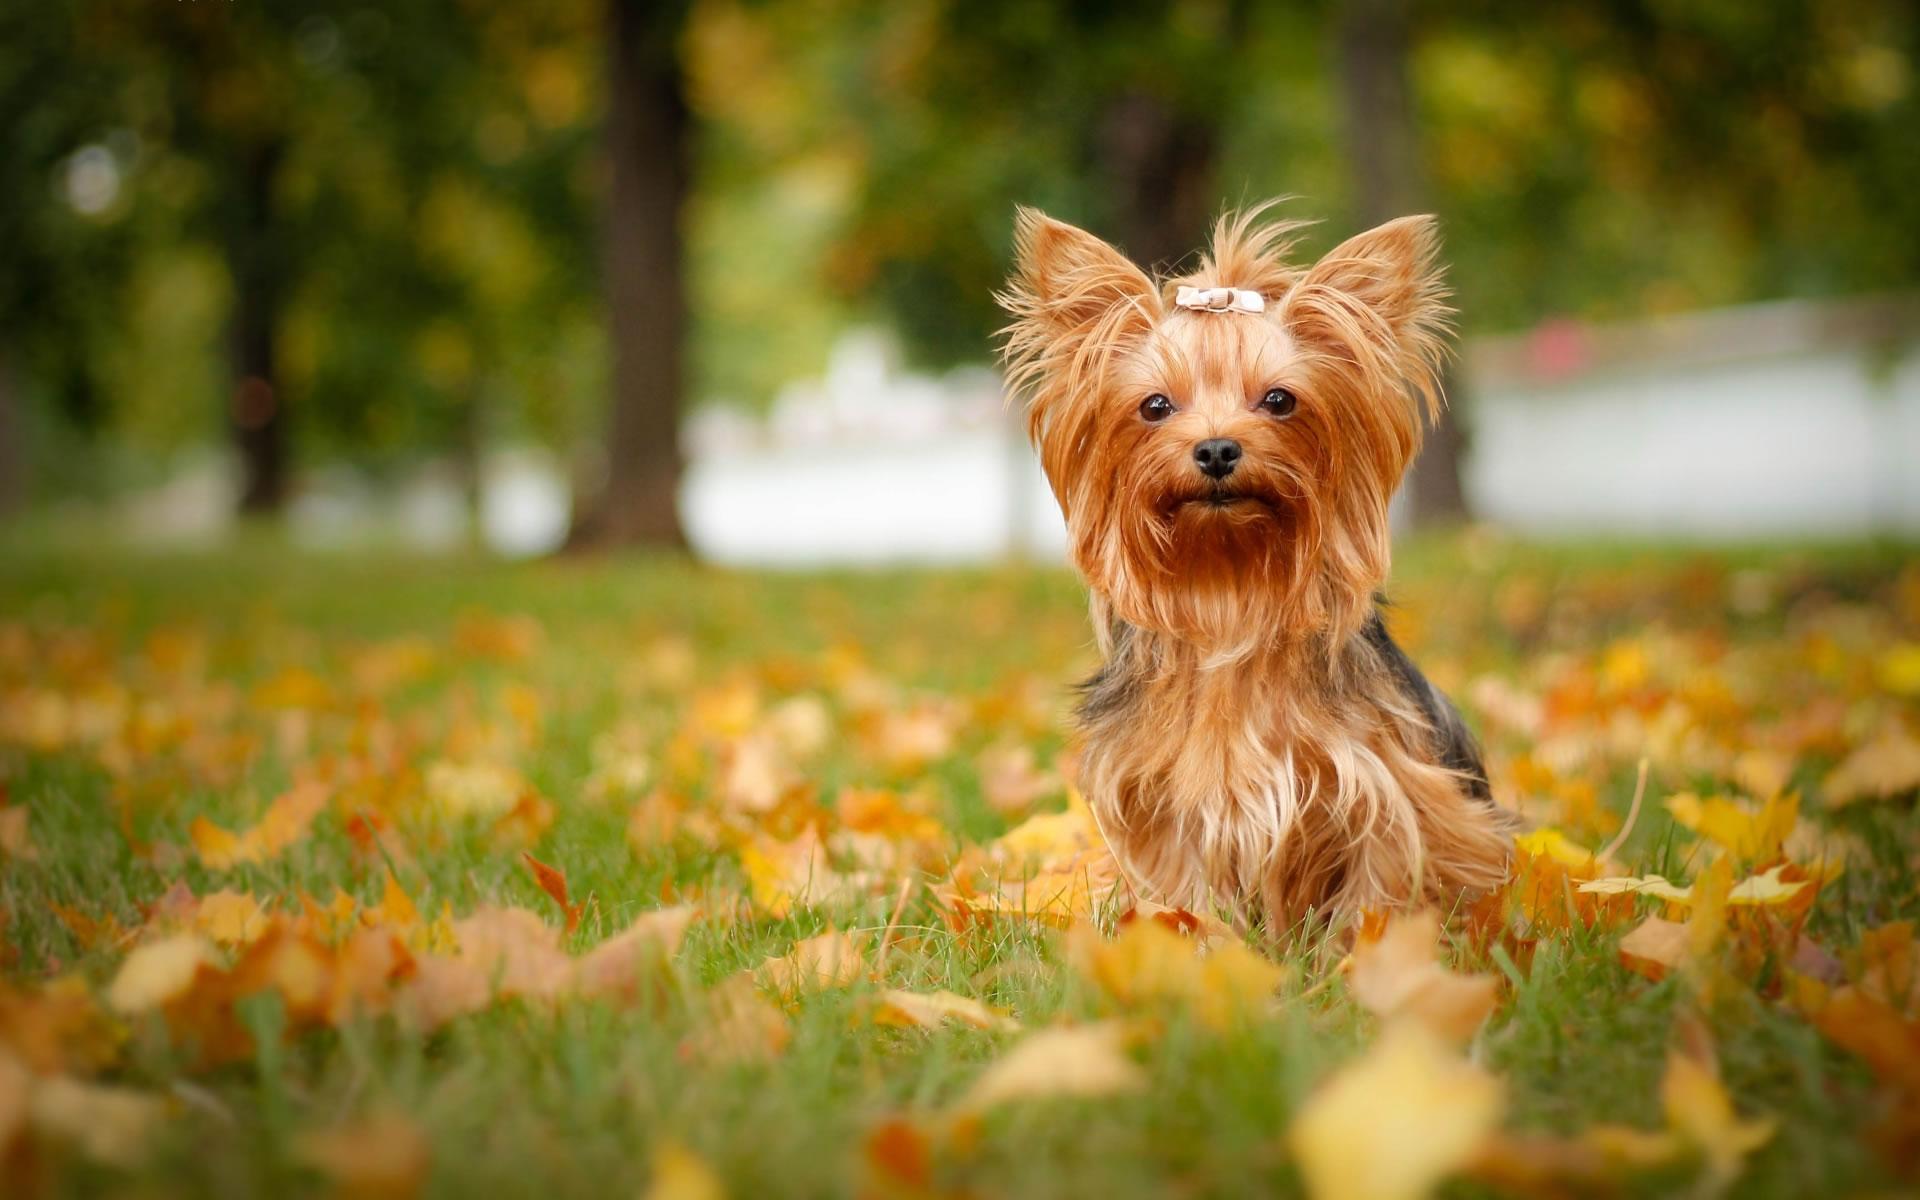 download wallpaper: Yorkshire terrier wallpaper